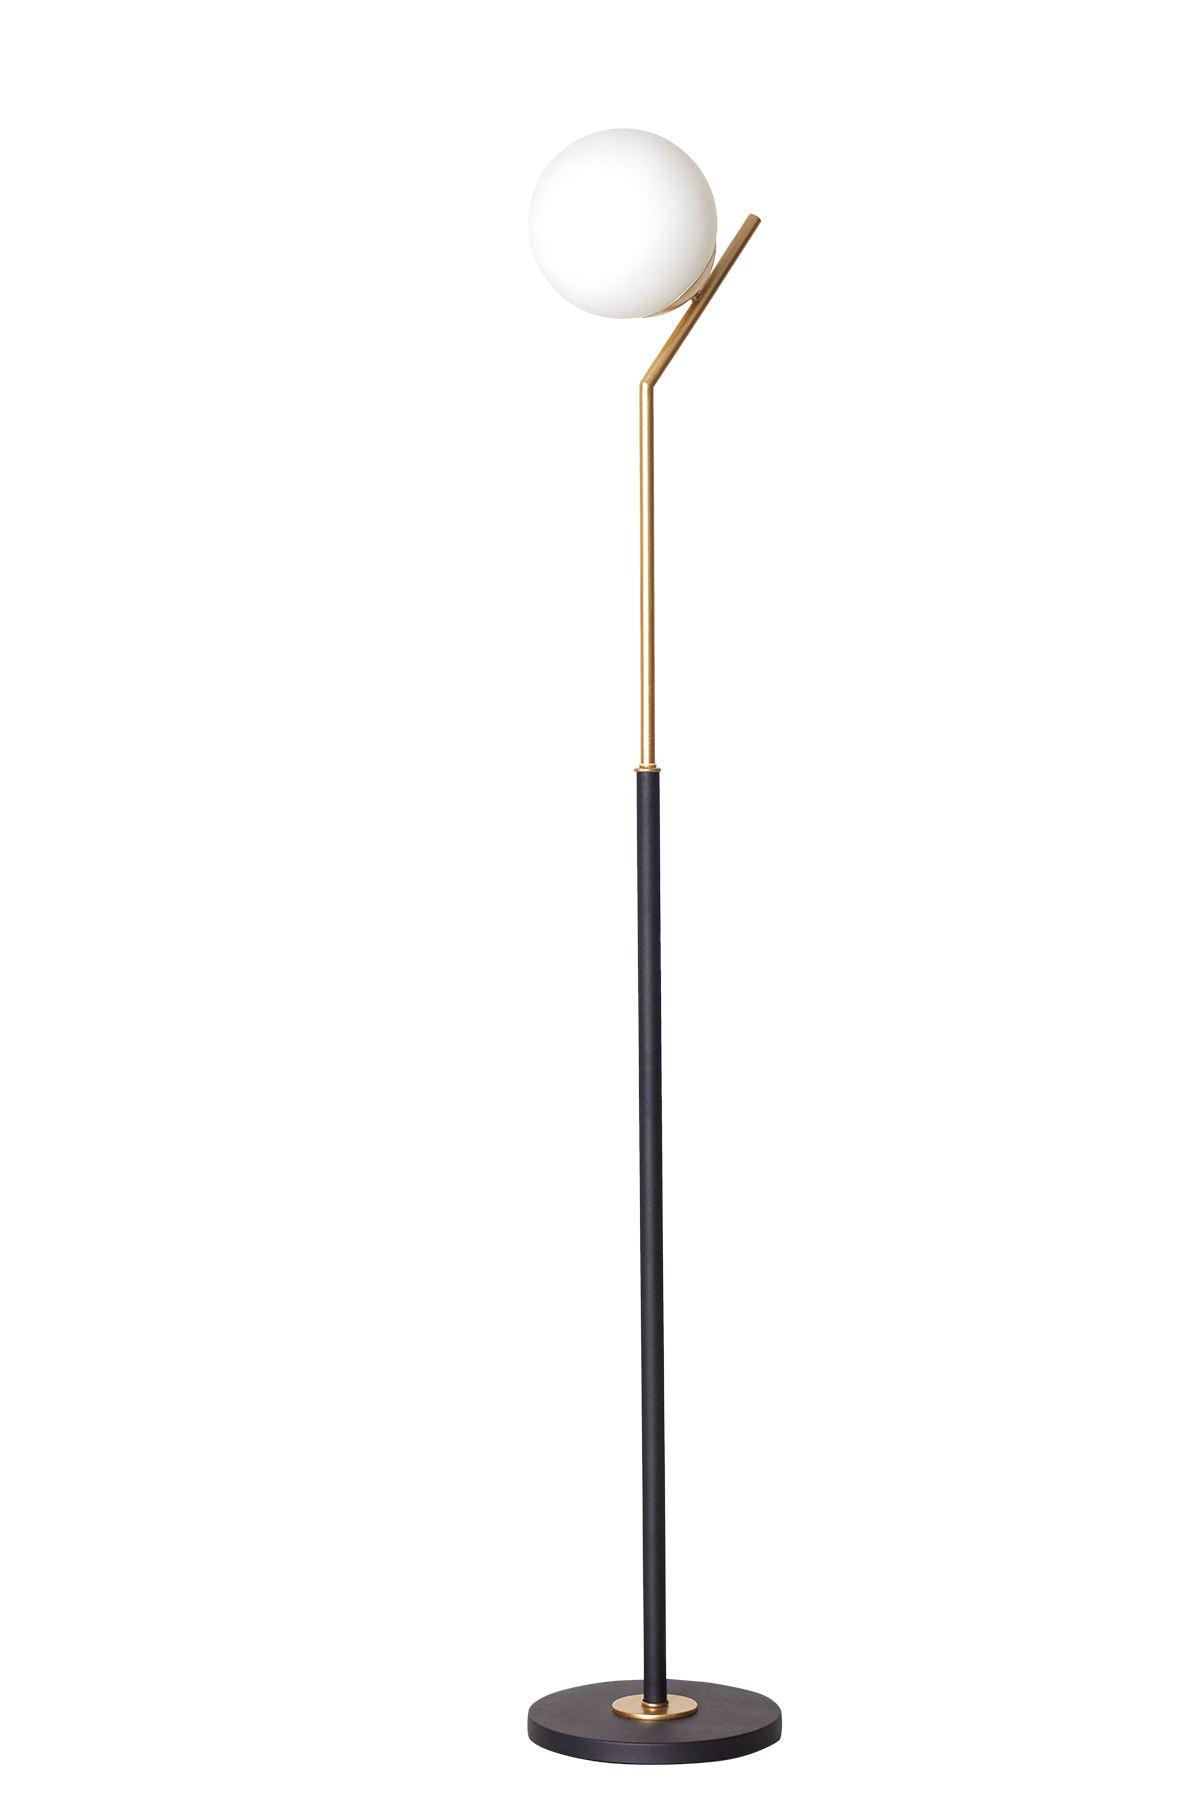 Elit Sarı-Siyah Metal Gövde Beyaz Camlı Tasarım Lüx Yerden Aydınlatma Lambader